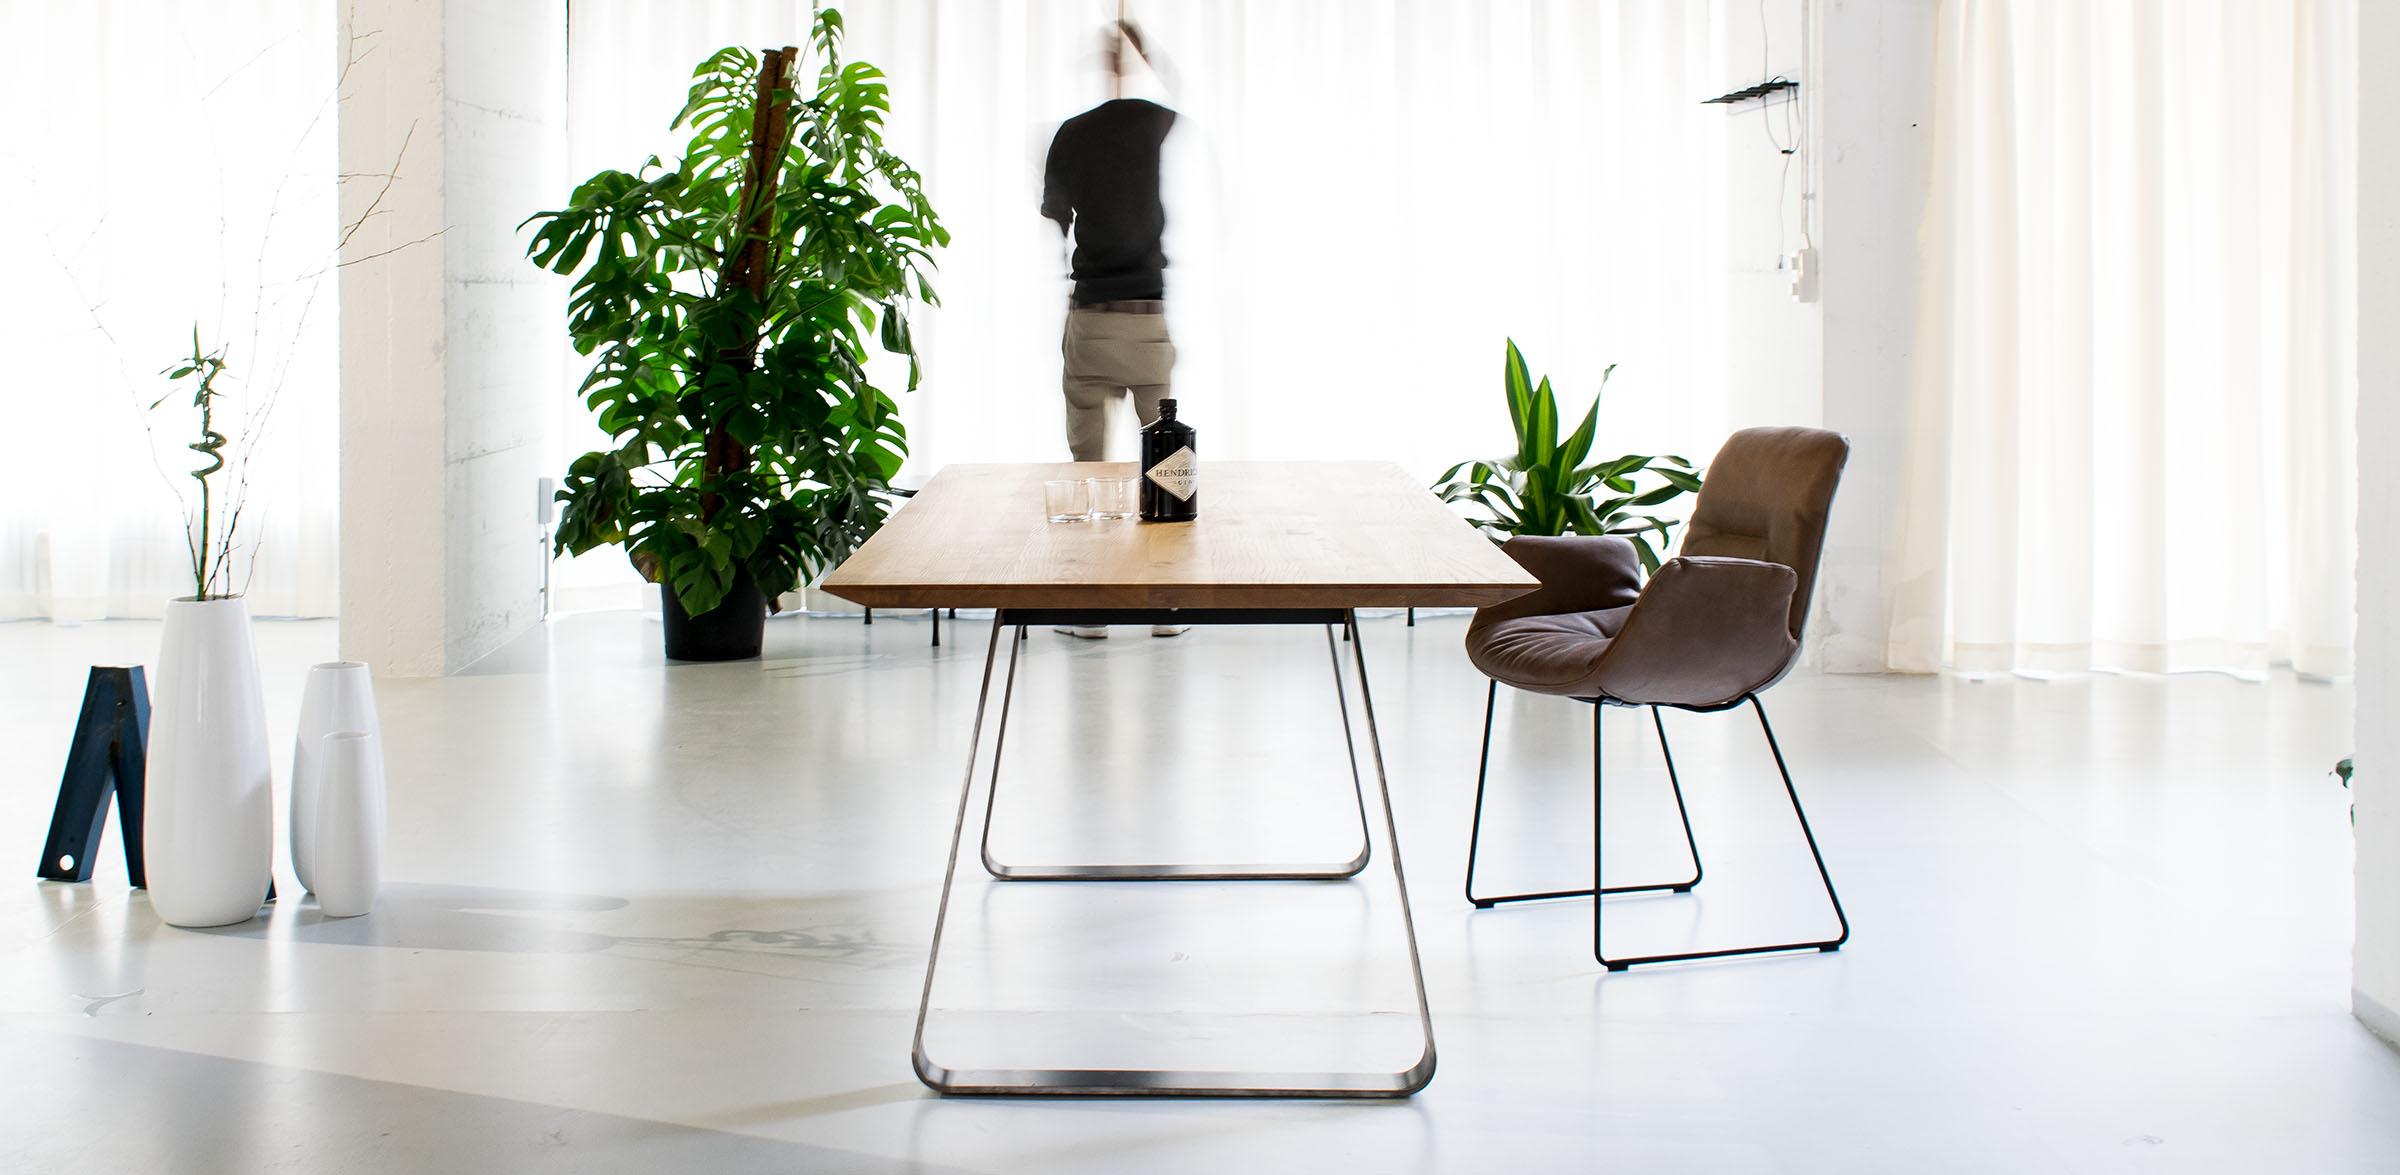 Massiver Esstisch nach Maß, massiver Design Esstisch mit Stahluntergestell, Massivholz Esstisch mit Stahlwangen, Brutus MBzwo